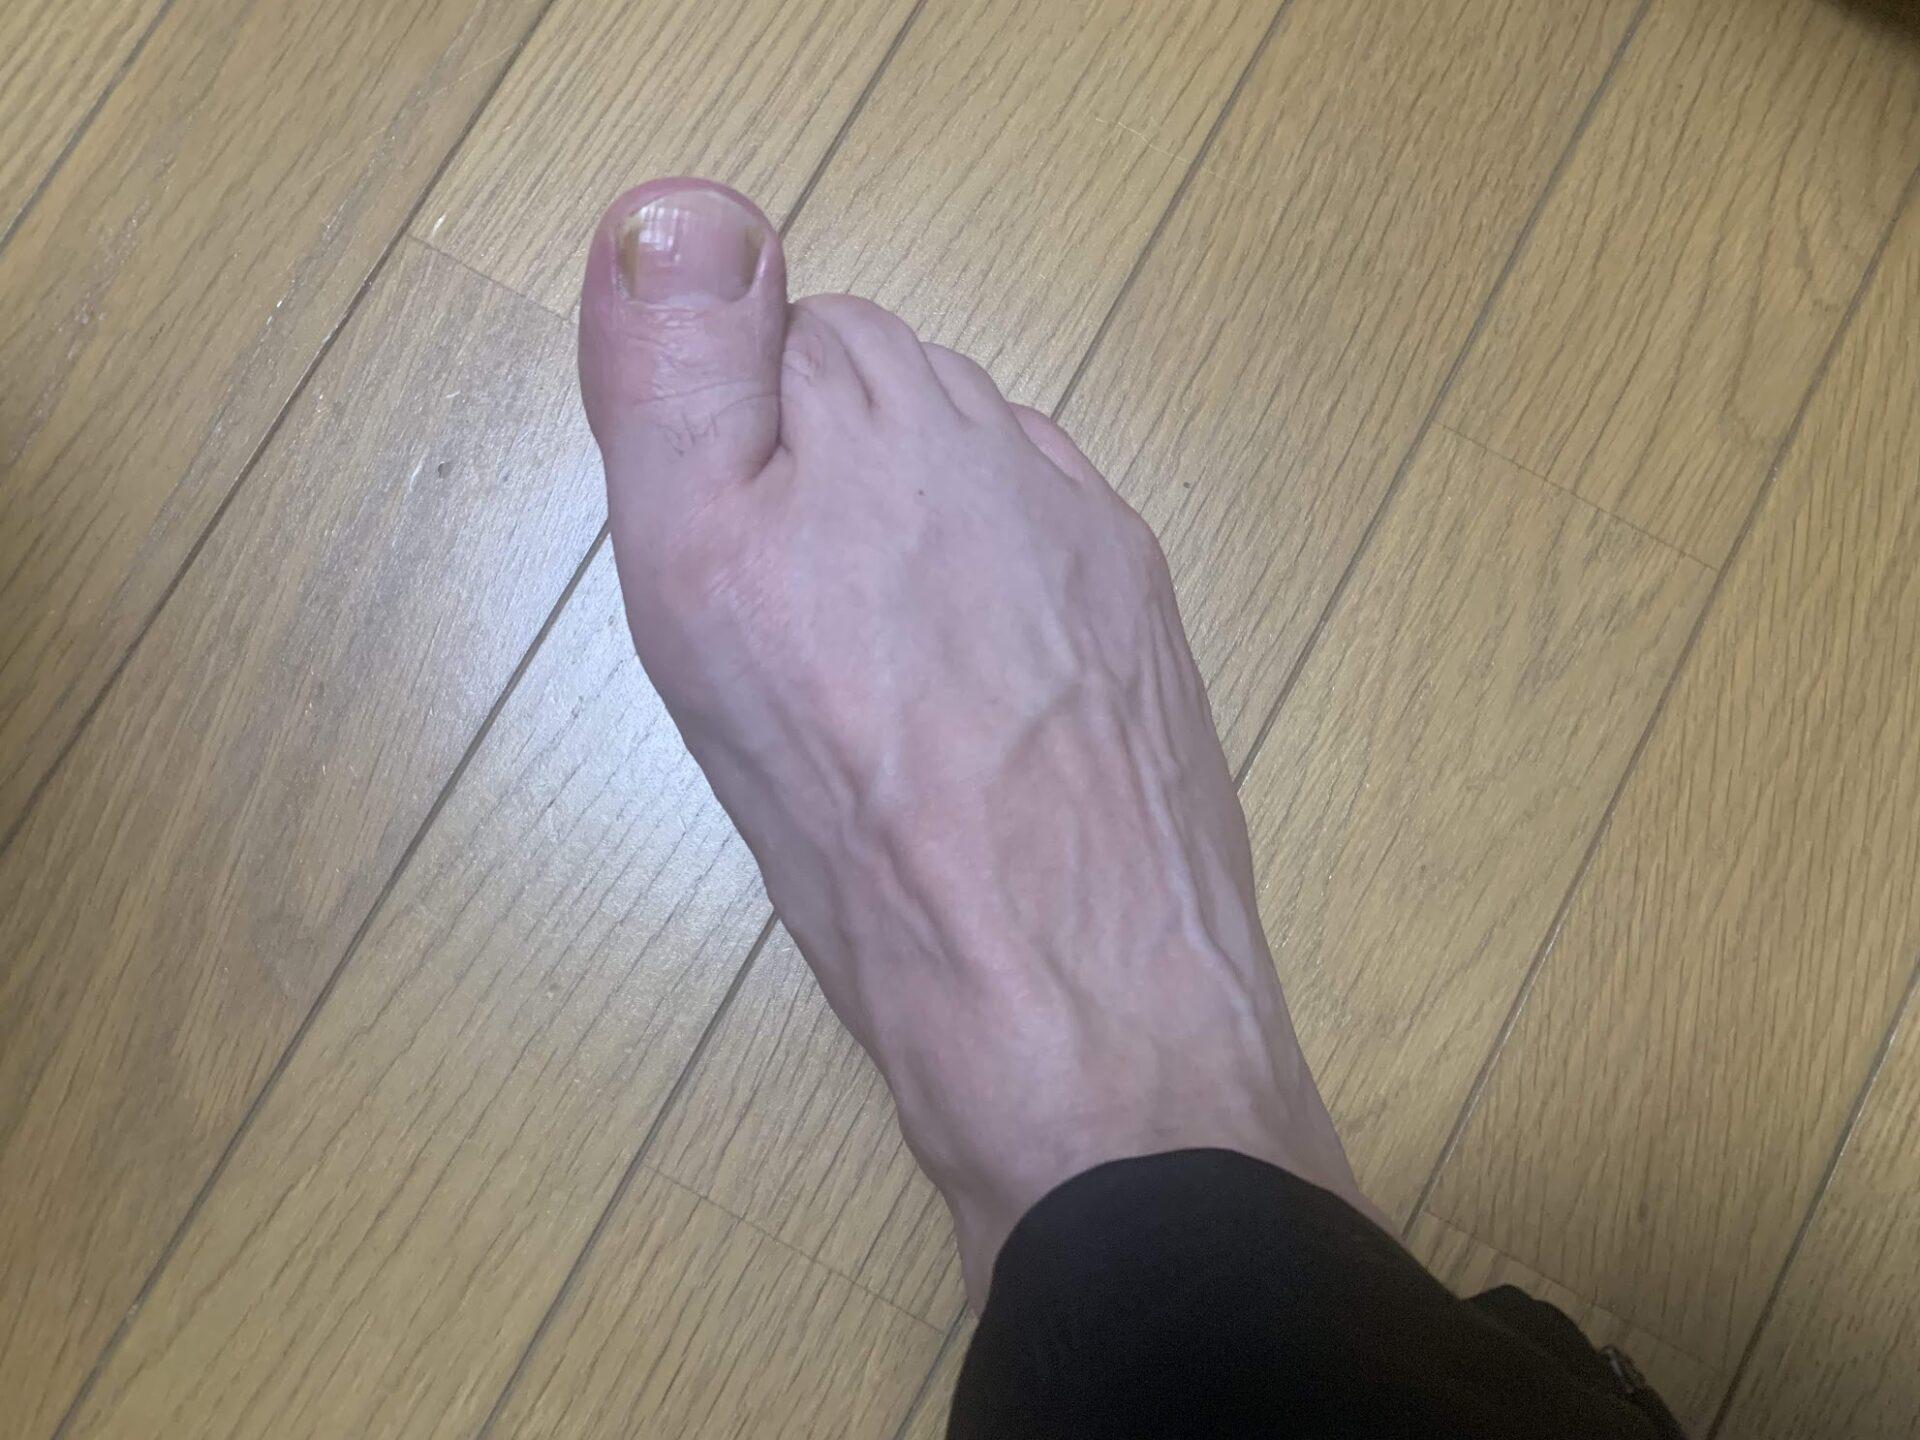 足裏の激痛改善に向けて足指じゃんけんで足裏の動きを強化しよう